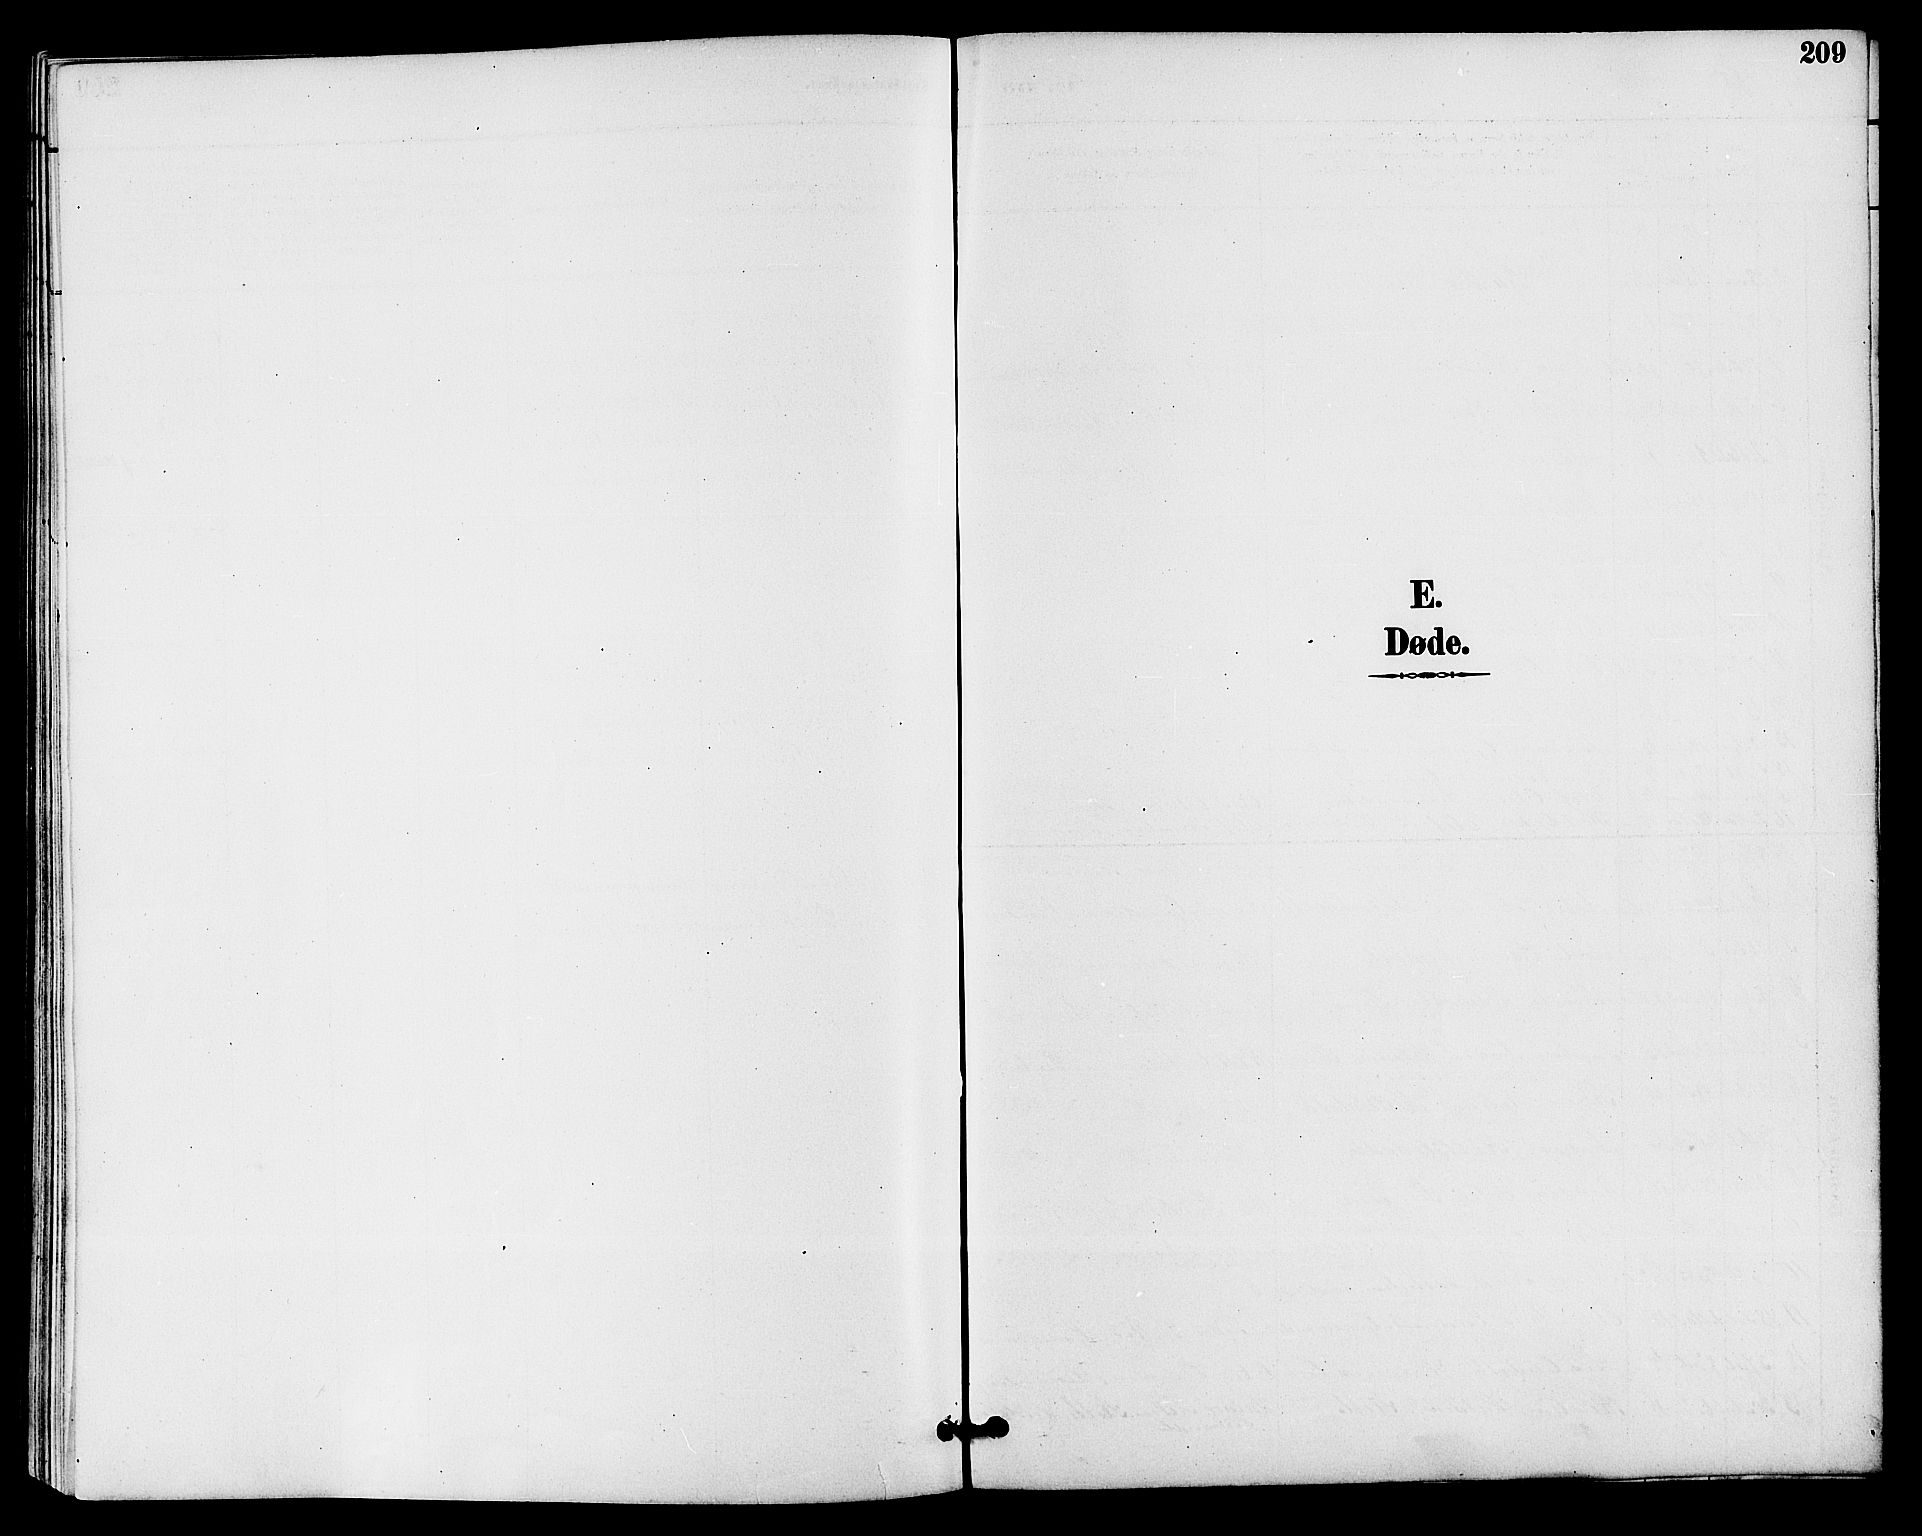 SAKO, Drangedal kirkebøker, G/Ga/L0003: Klokkerbok nr. I 3, 1887-1906, s. 209